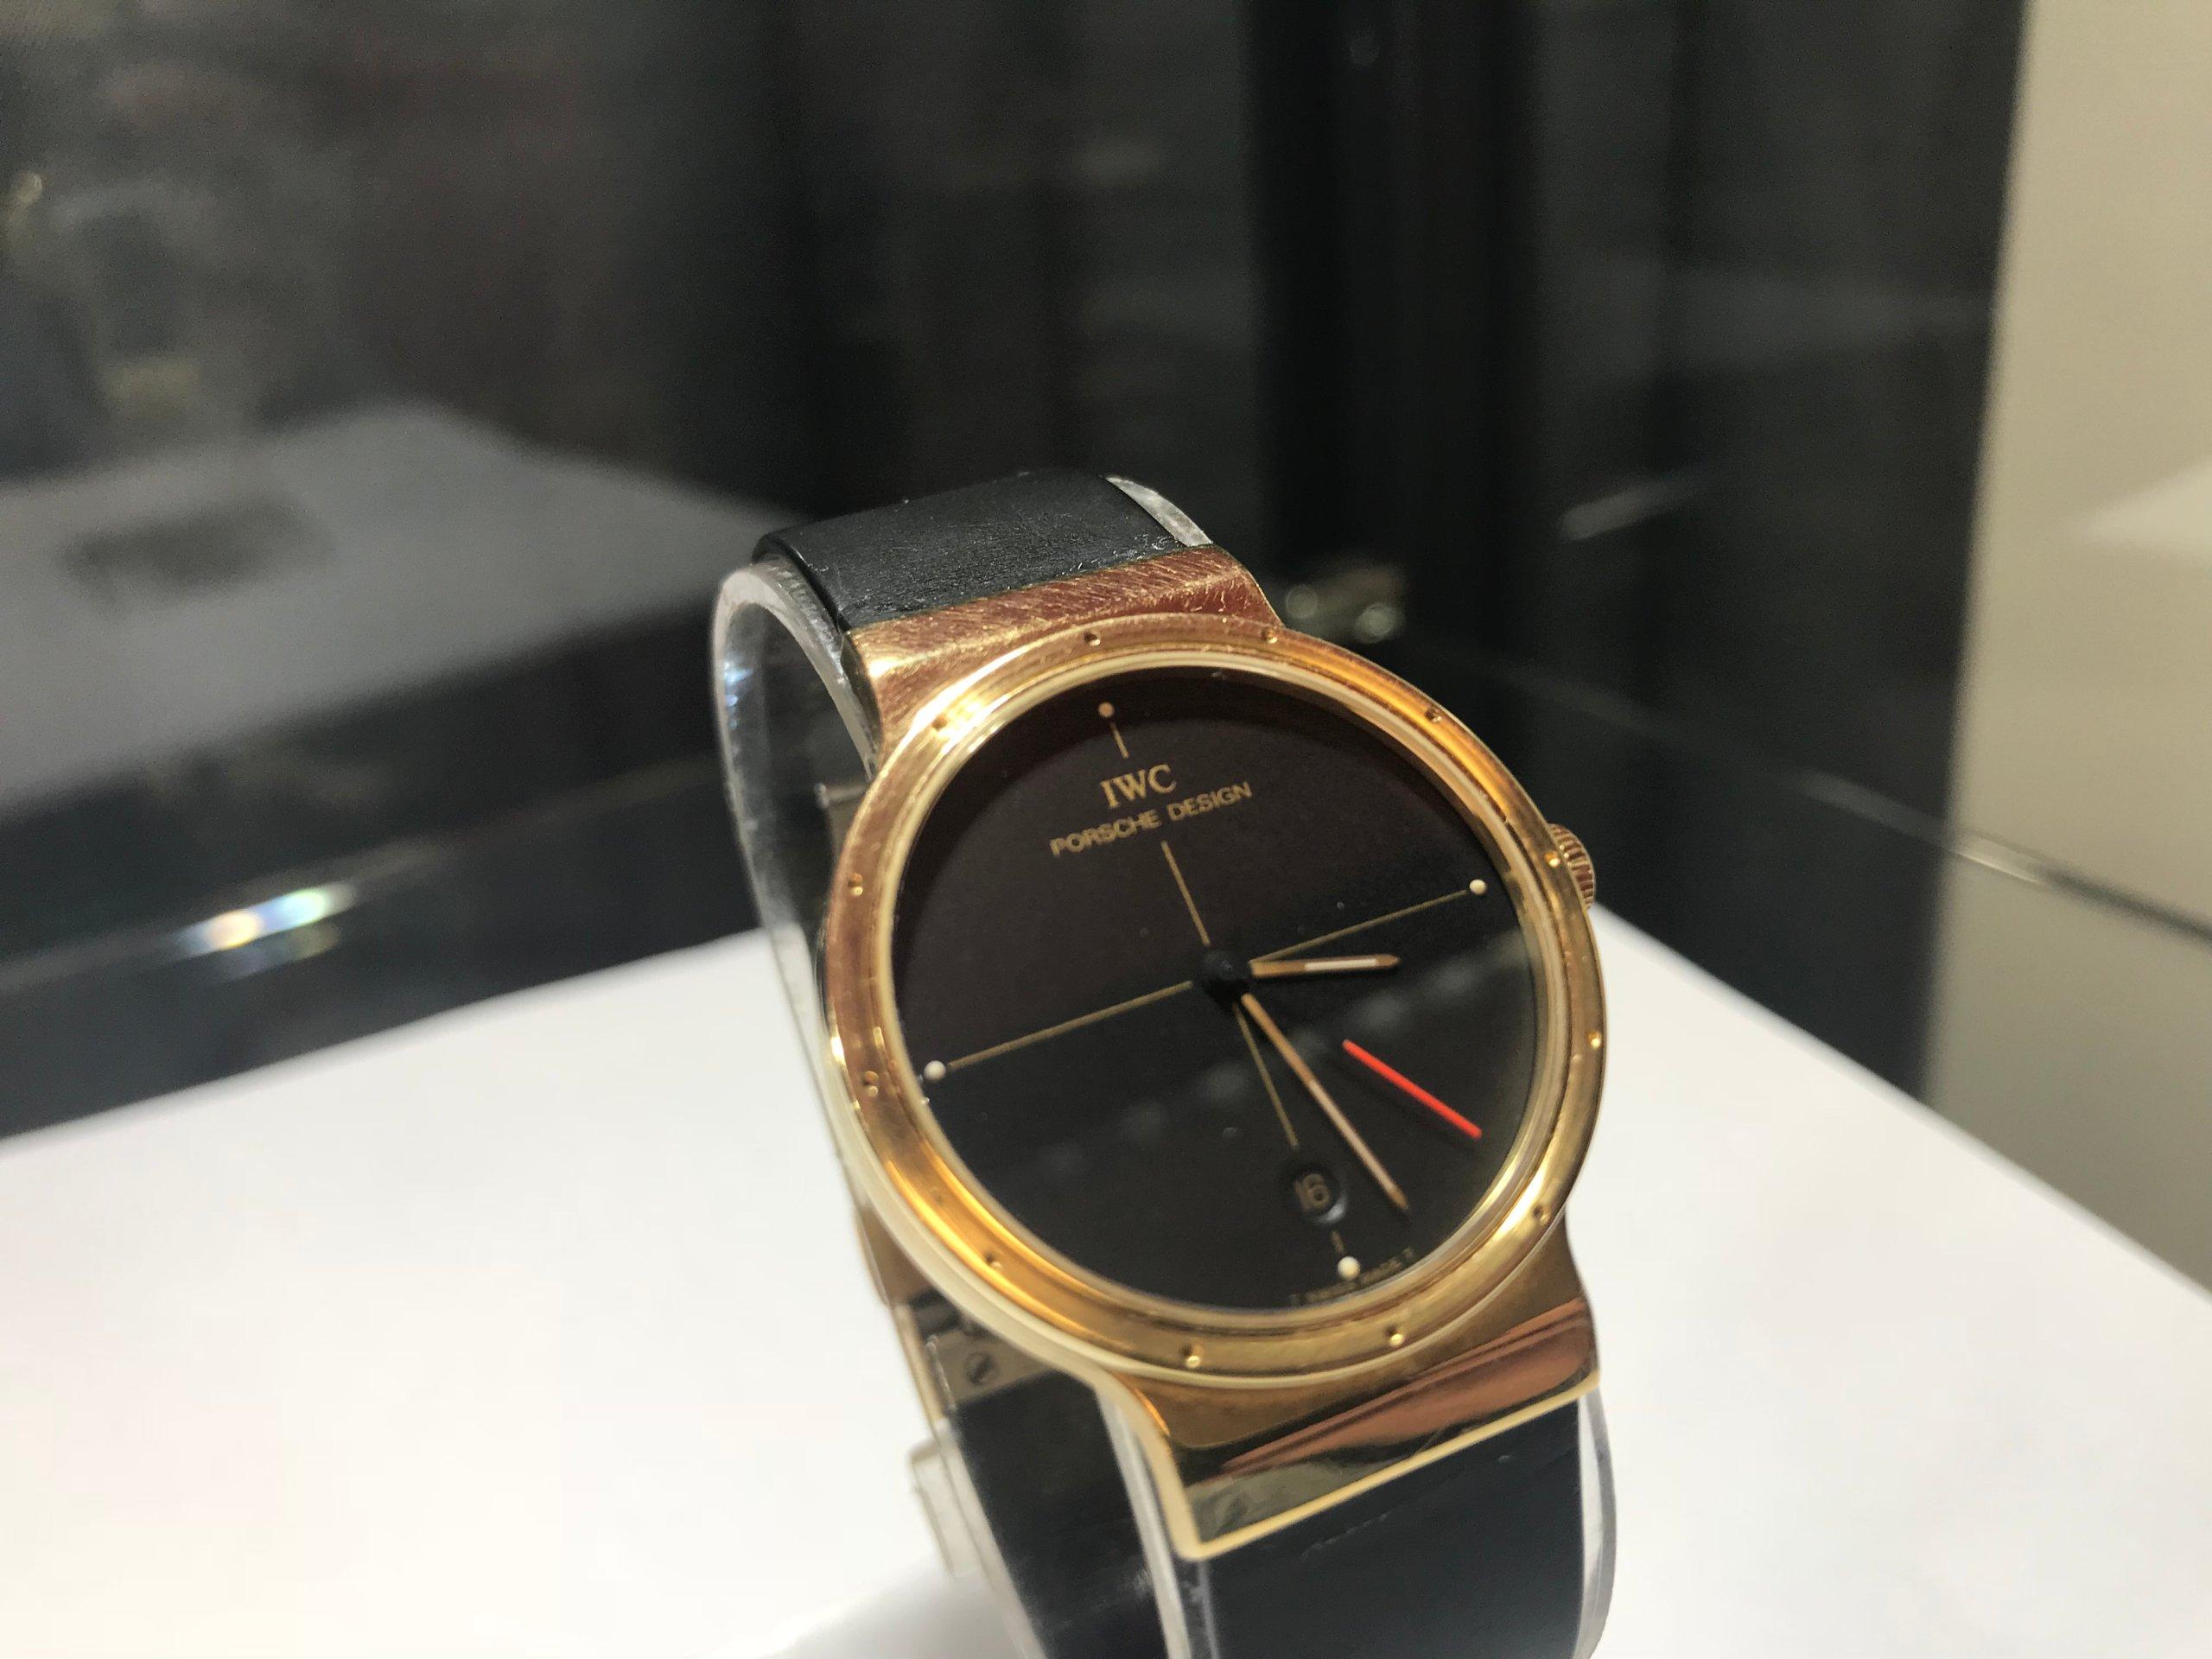 a0ac608fe5135 adidas porsche w kategorii Zegarki Używany w Oficjalnym Archiwum Allegro -  Strona 2 - archiwum ofert